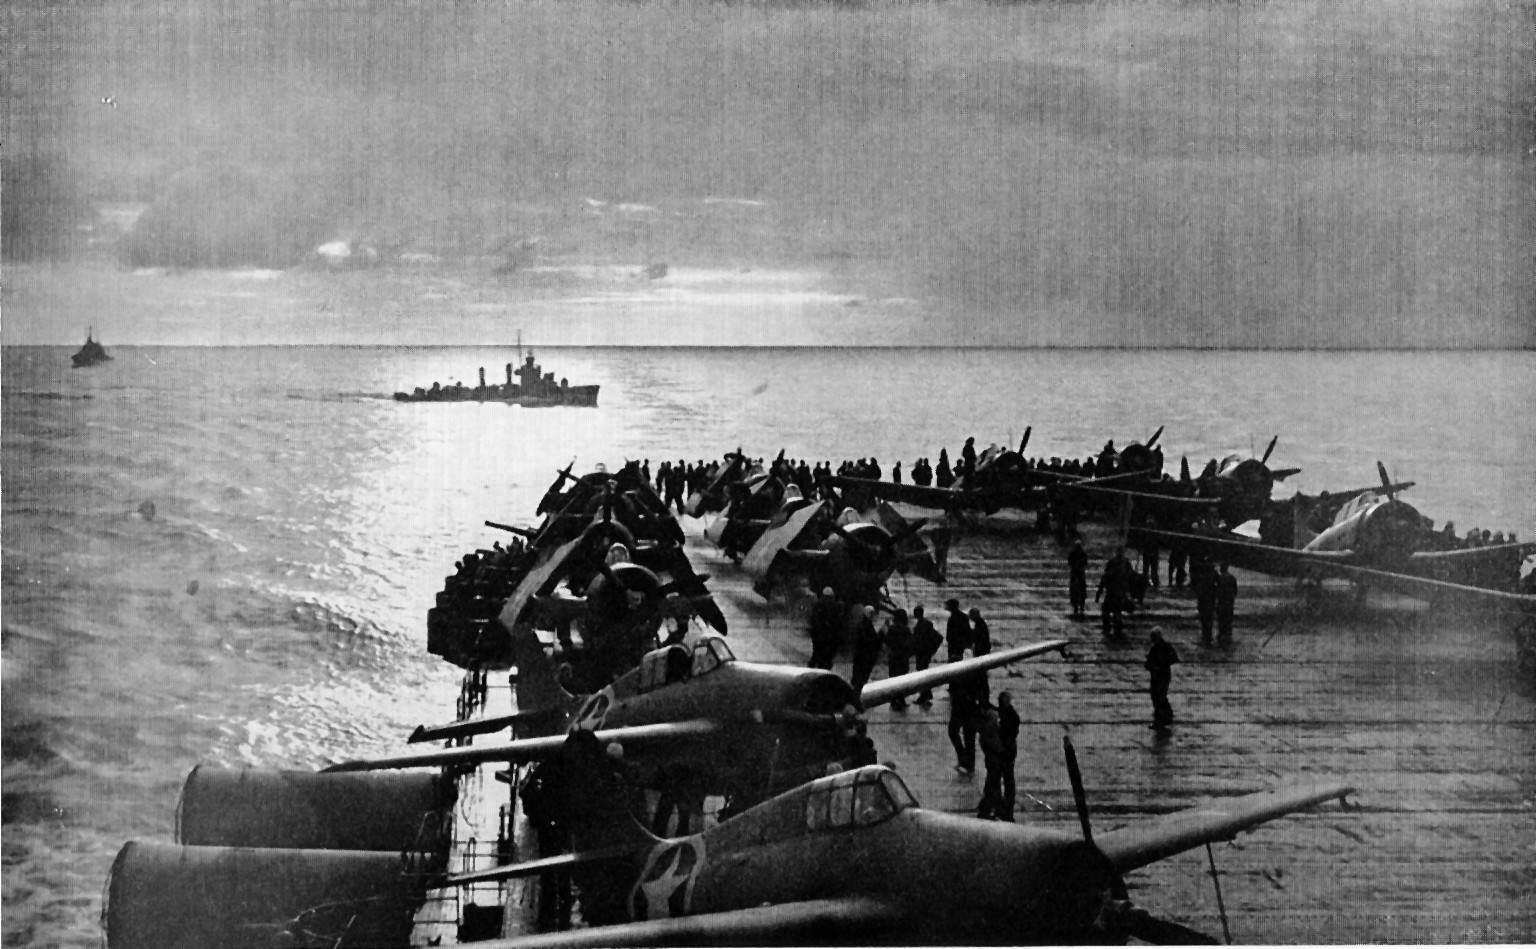 USS Ranger (CV 4) flight deck Torch - Des Douglas SBD-3 Dauntless et Grumman F4F-4 Wildcat rangés sur le USS Ranger lors de l'opération Torch, le 8 novembre 1942